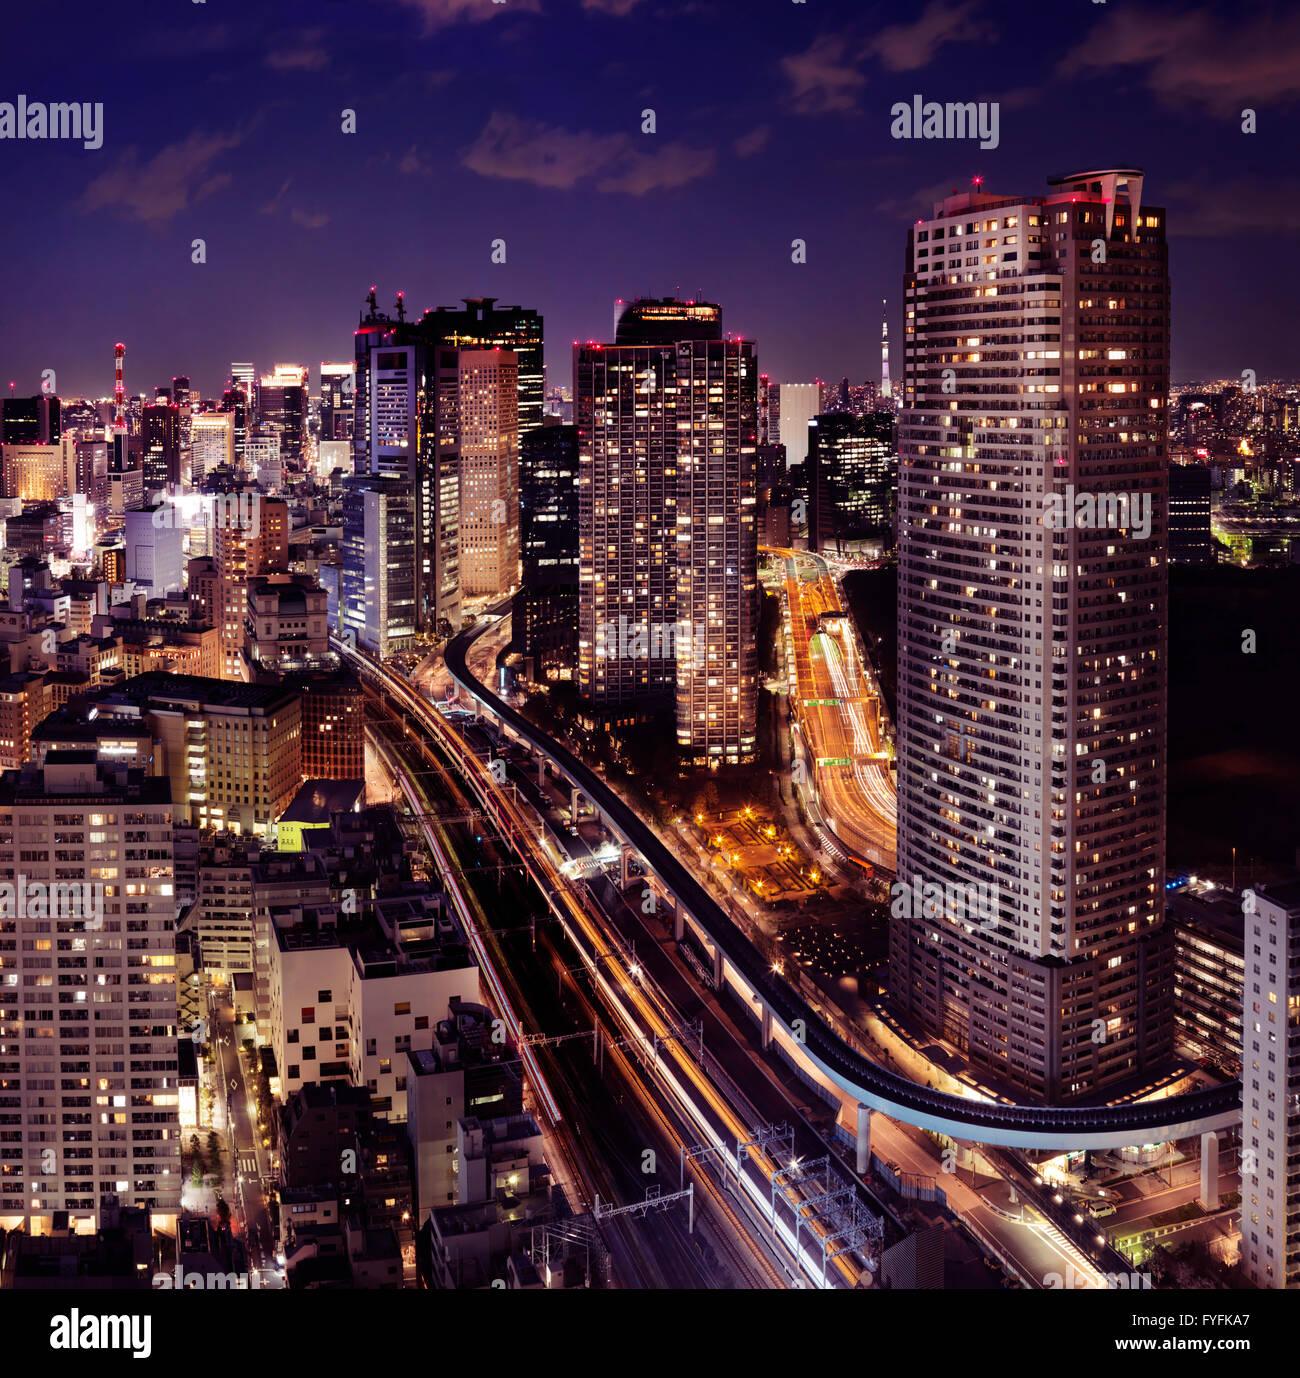 Les routes et les lignes de train de nuit, Minato, Tokyo, Japon Photo Stock